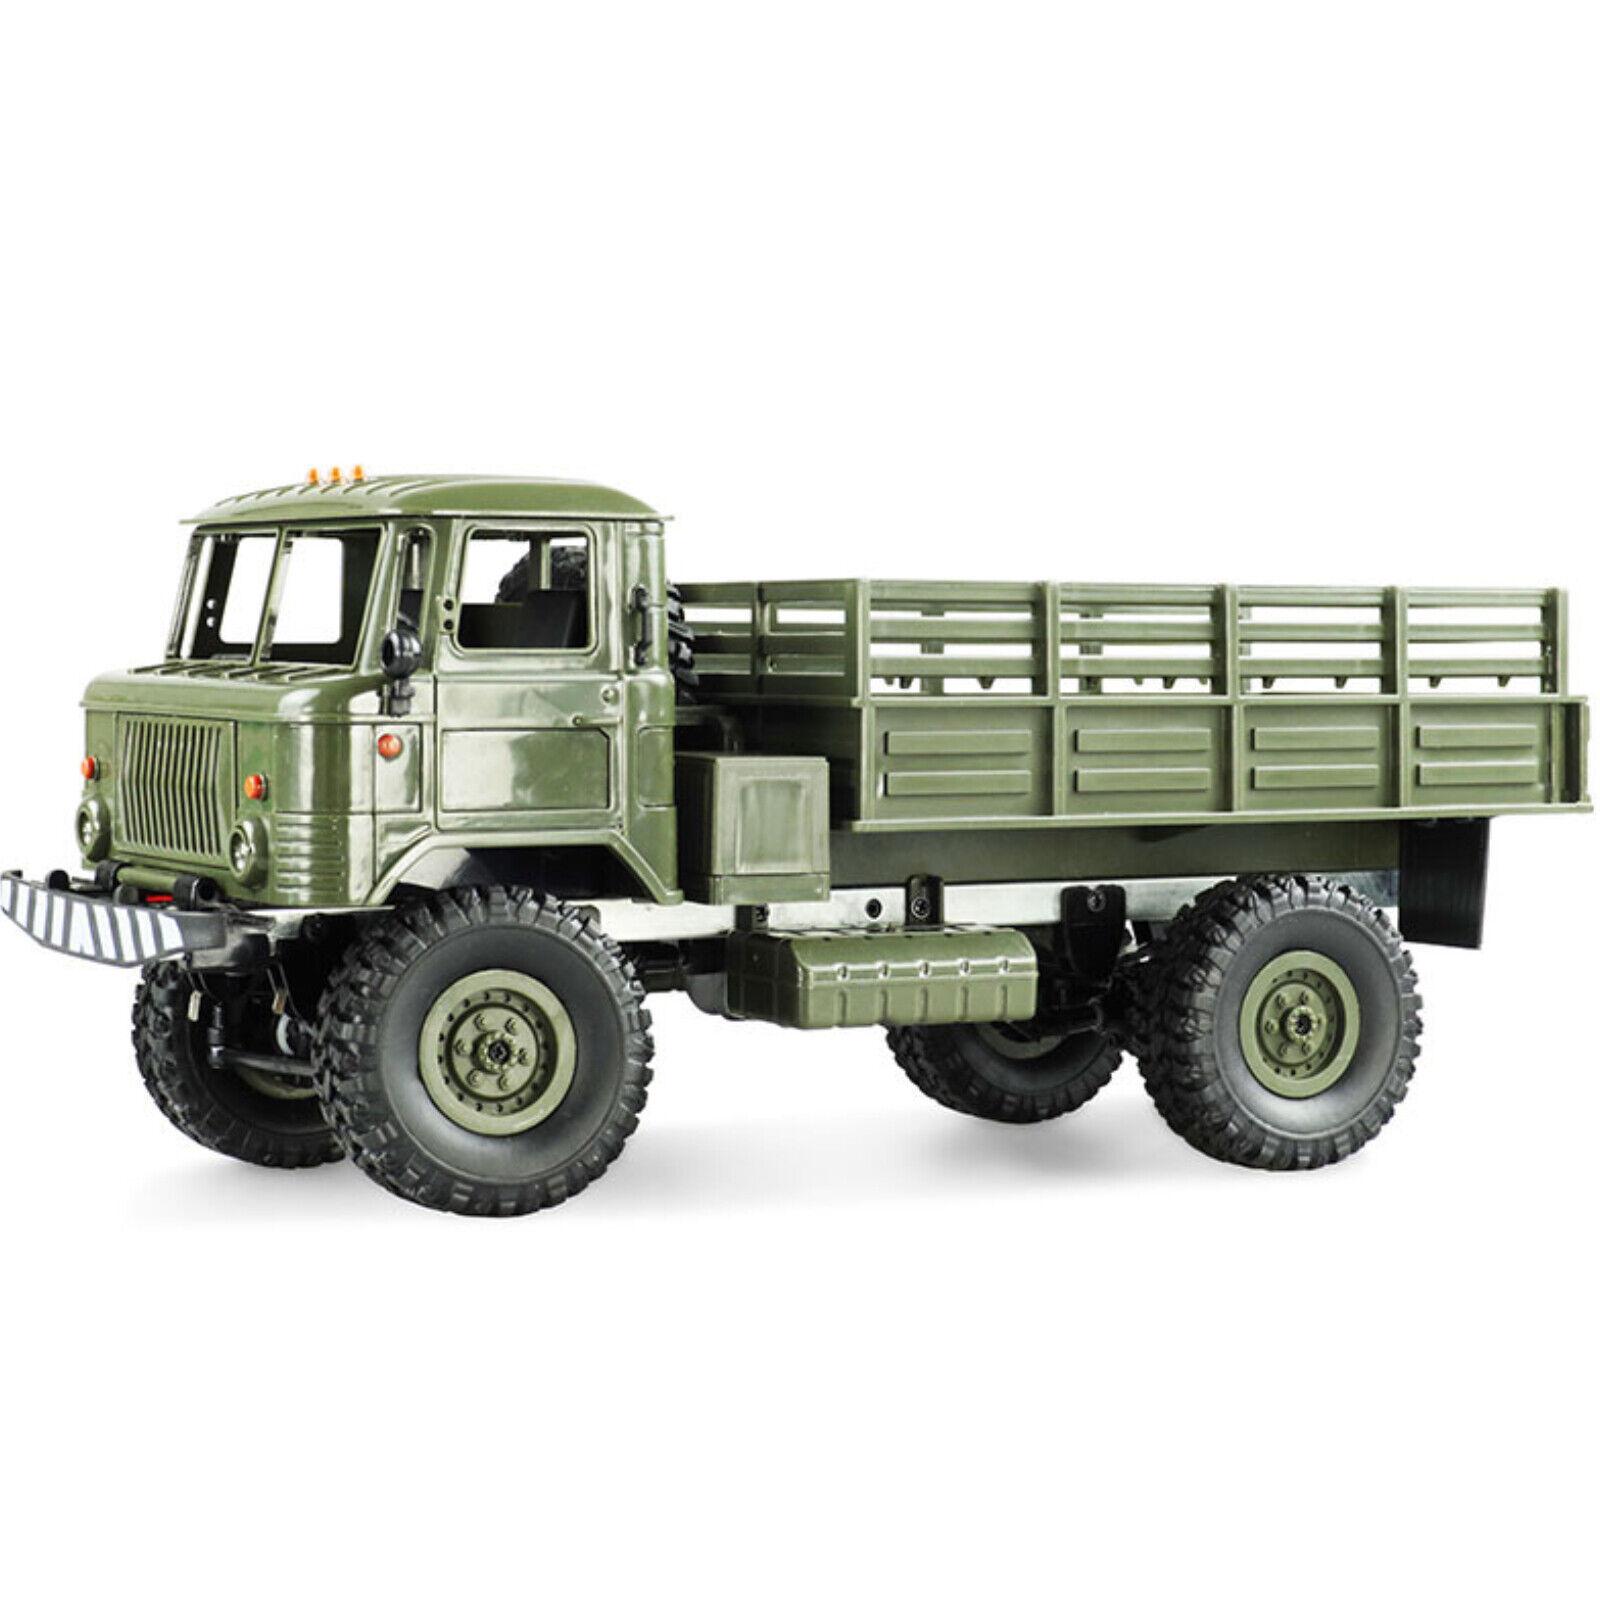 Amewi Amewi Amewi gaz-66 CAMION 4wd 1 16 verde KIT 22349 48fe4d